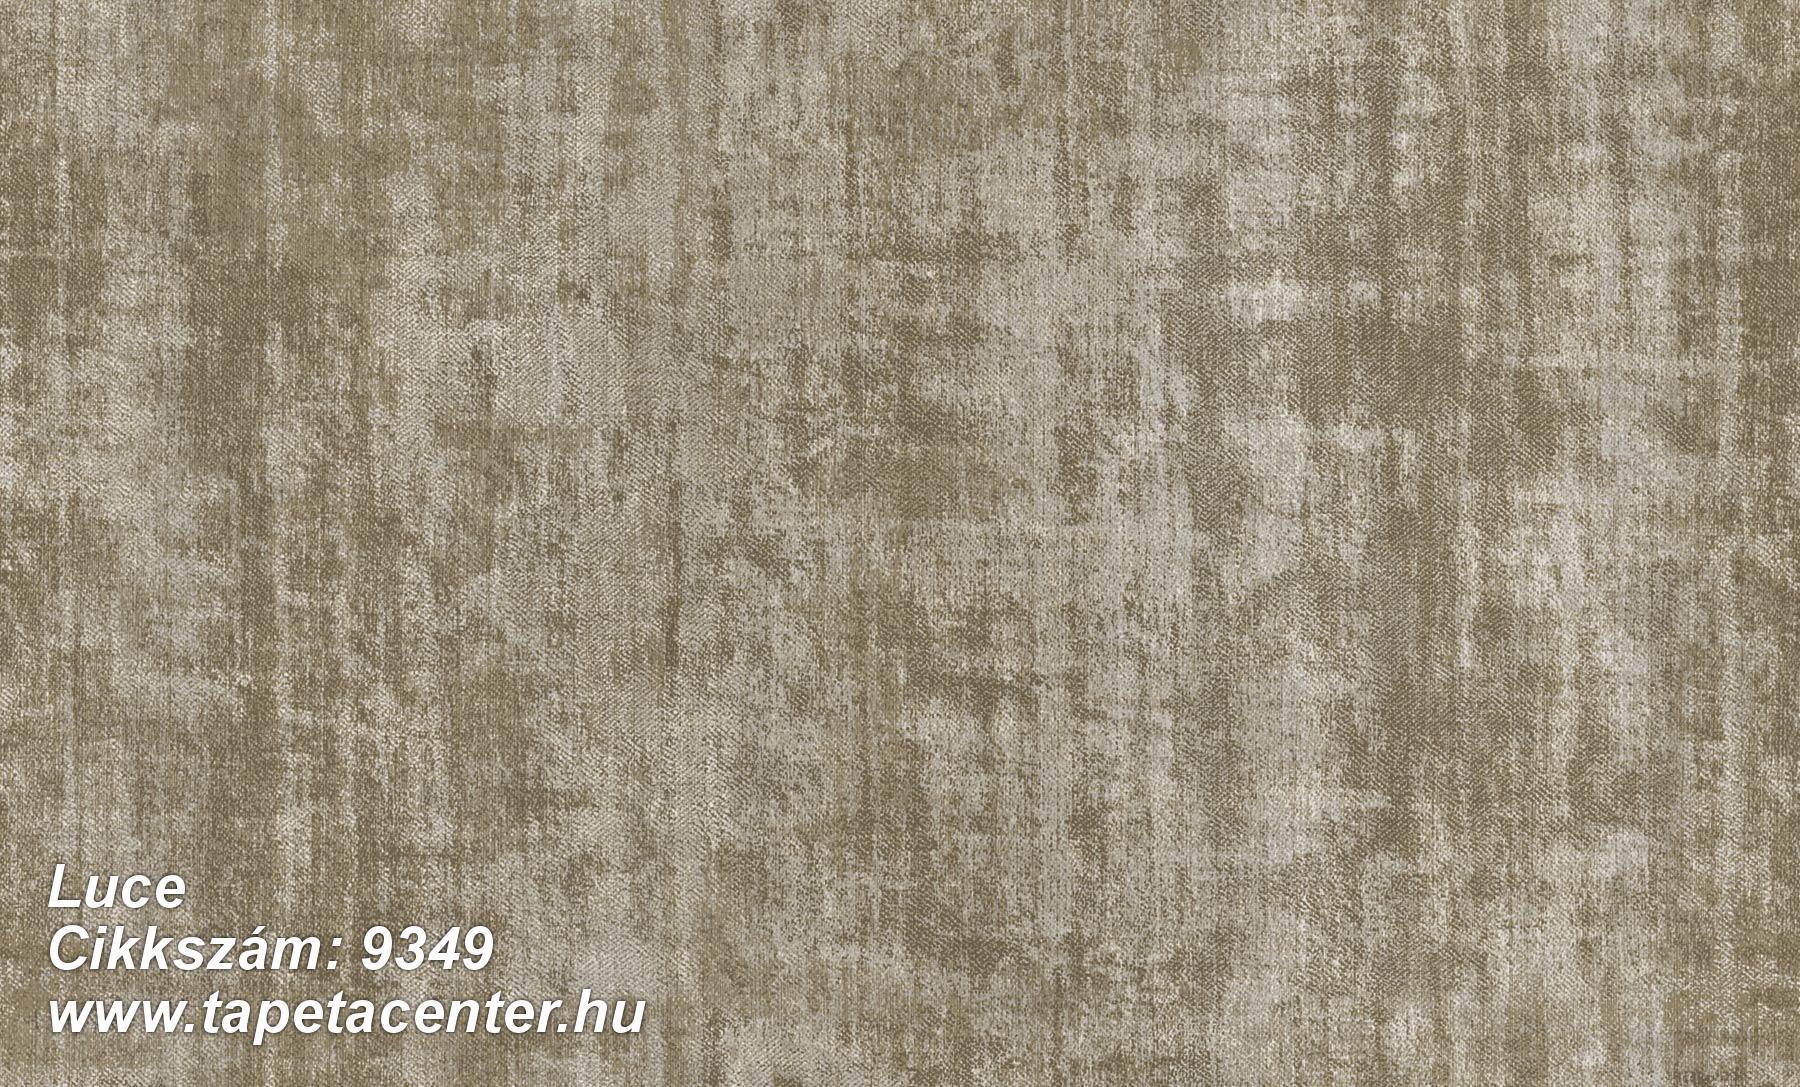 Luce - 9349 Olasz tapéta